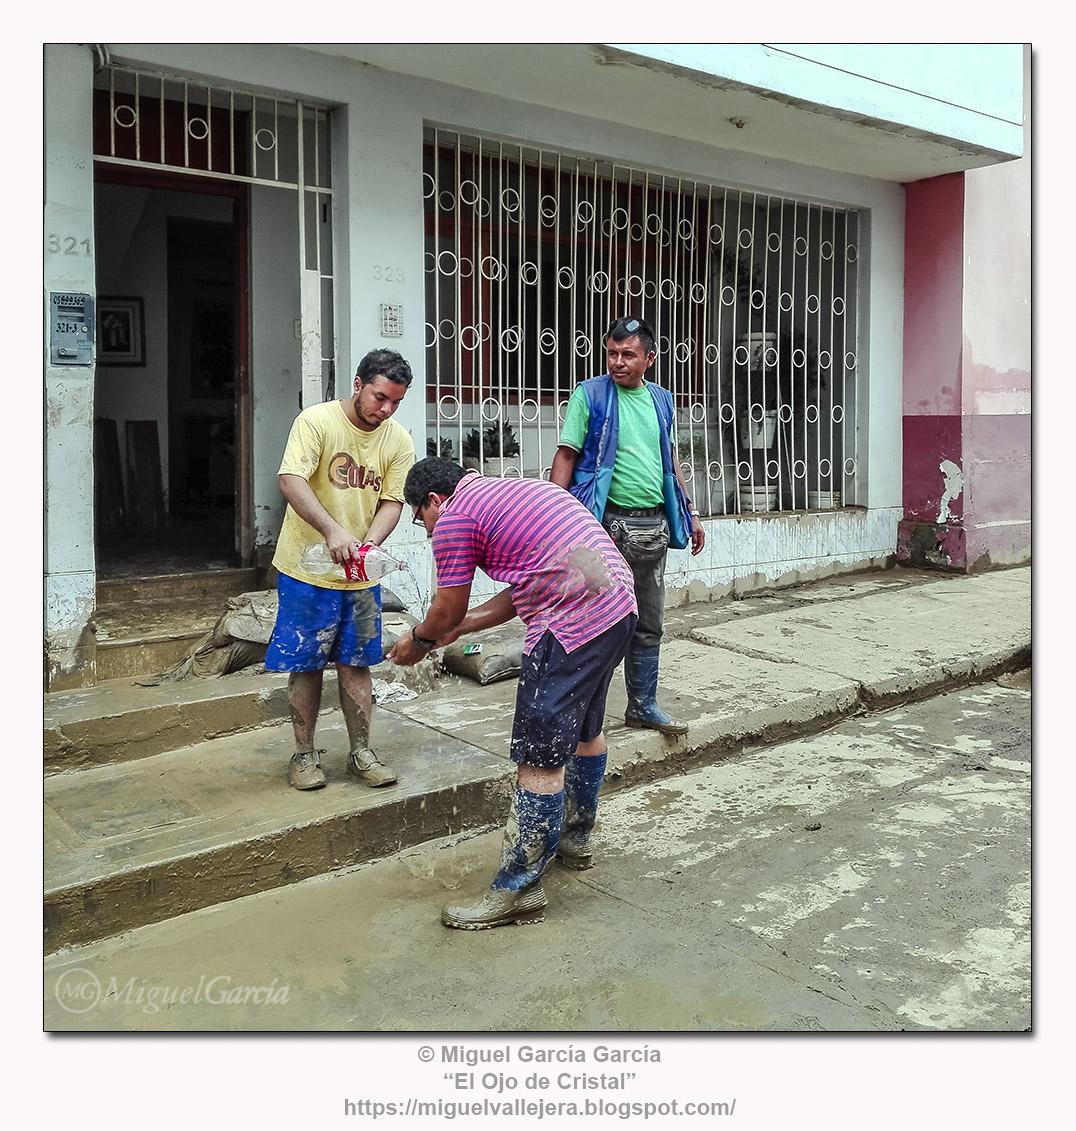 Fenómeno del Niño 2017, Piura (Perú). Los días después.